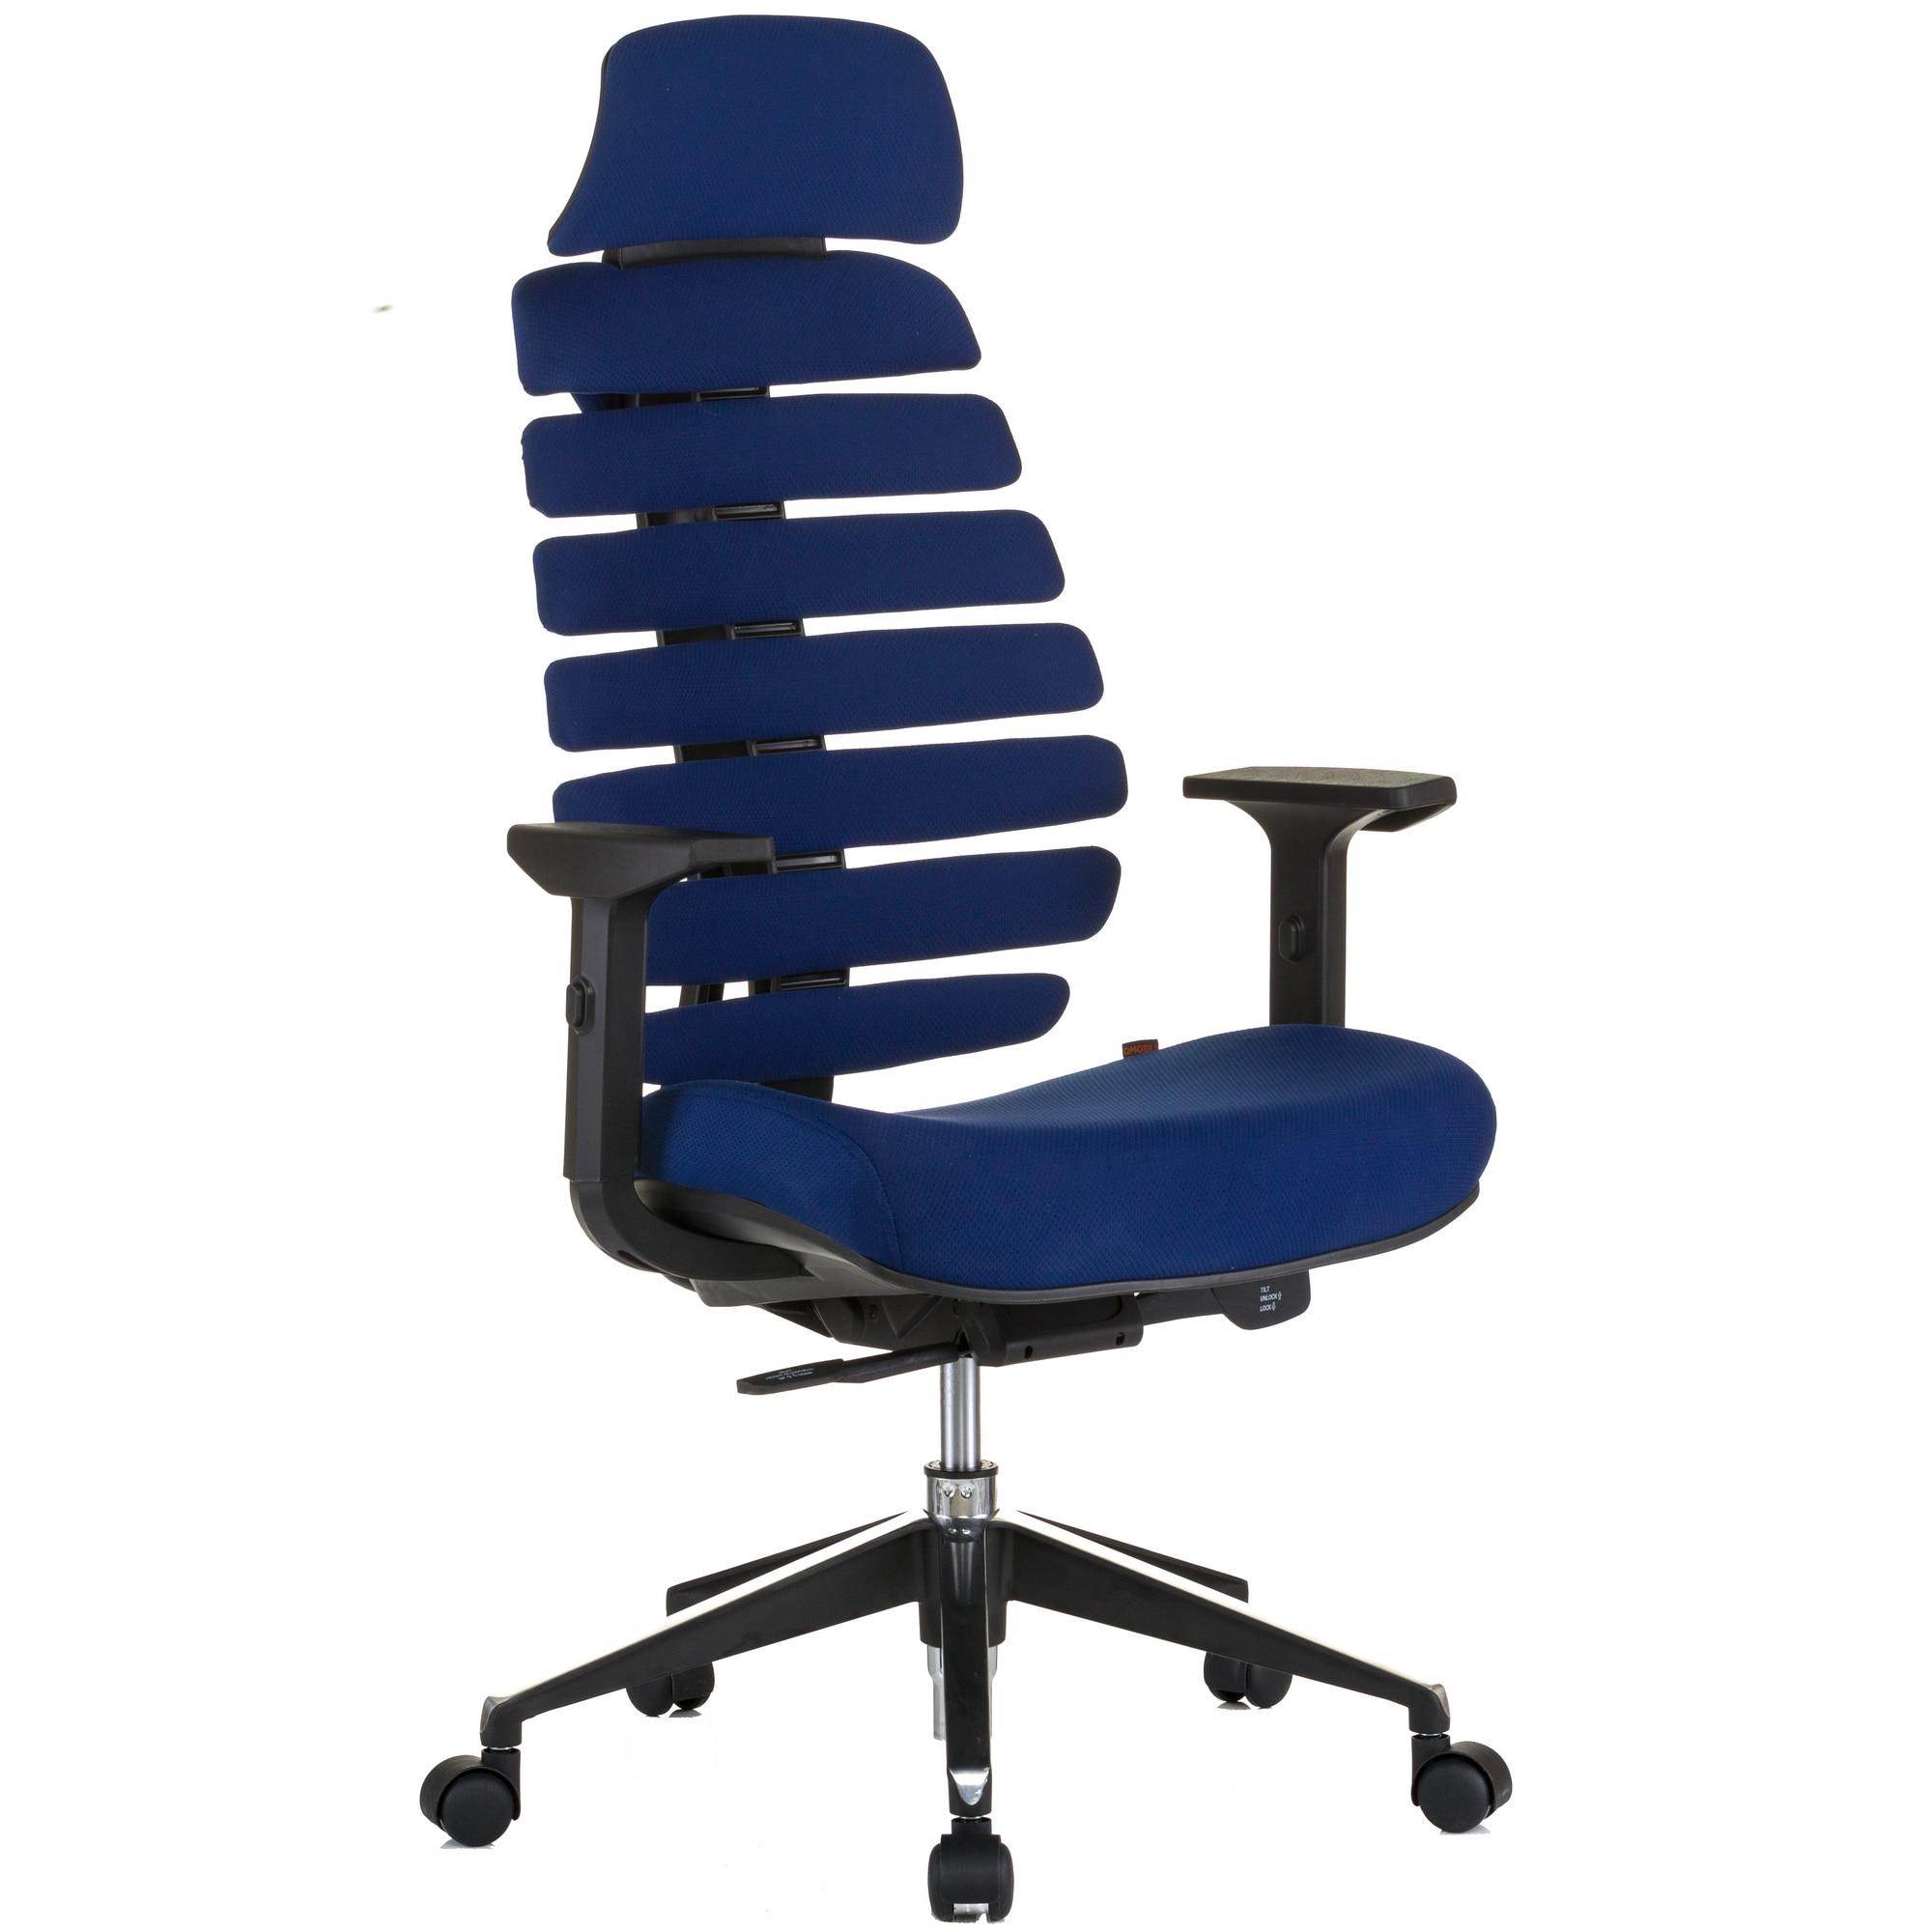 QMOBILI ERGO LINE HI Sötétkék ergonomikus szék, szövet, fejtámla, csúszó ülés, önállóan állítható deréktámasz, állítható 3D karfa, alumínium